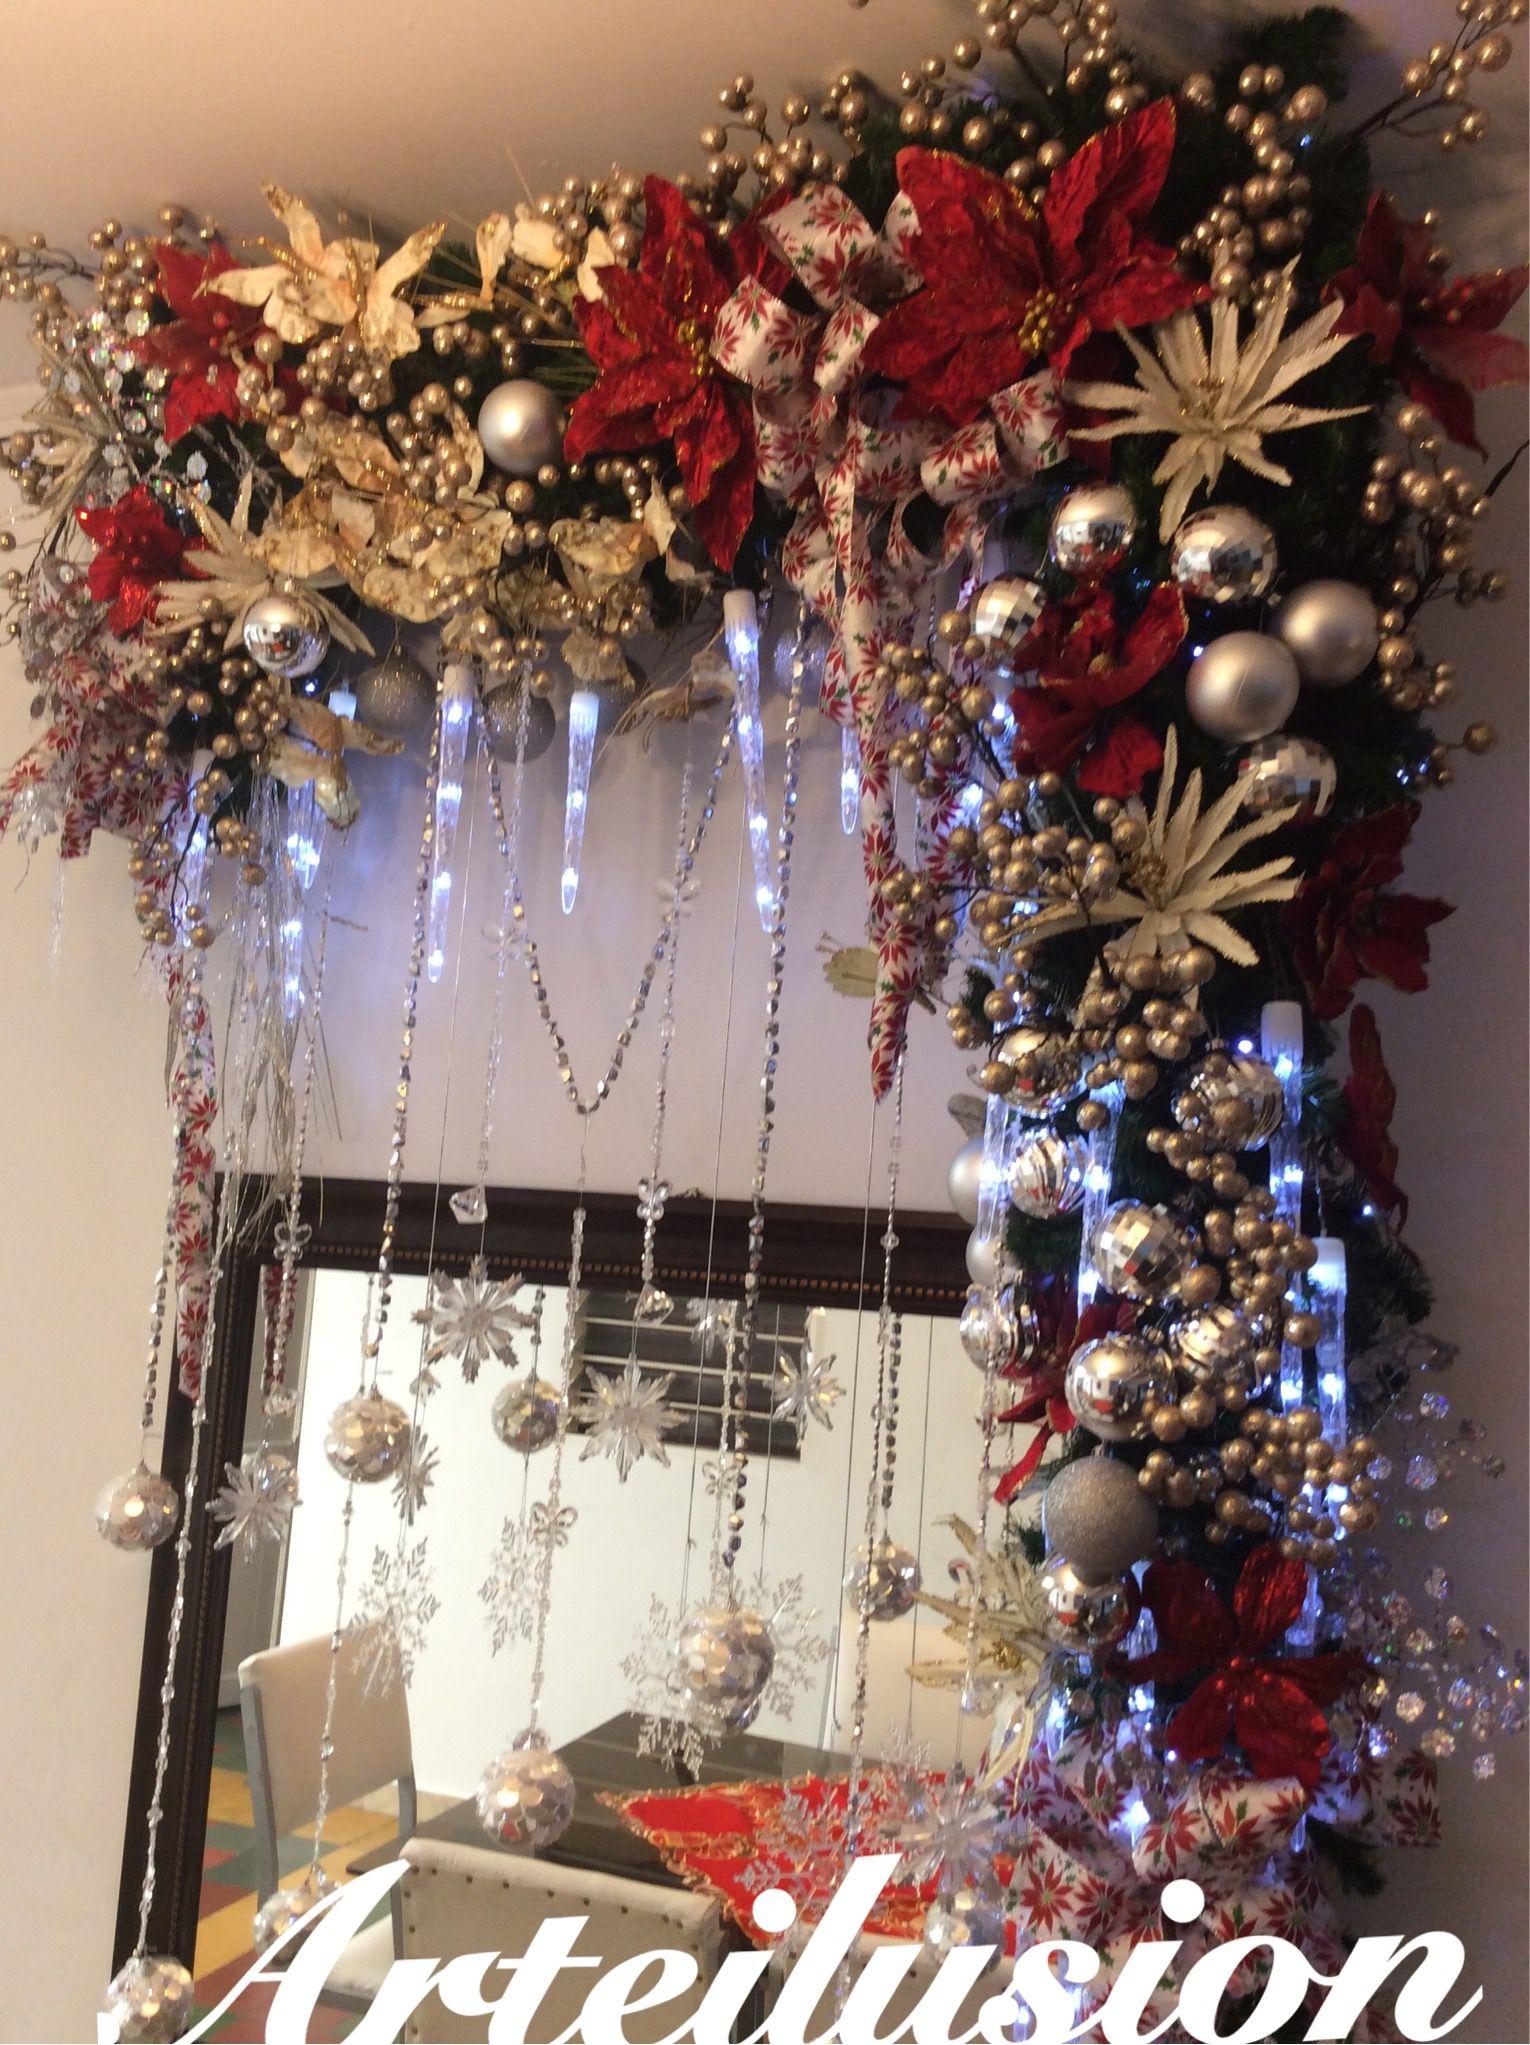 Pin de soraya272 en christmas guirnaldas de navidad - Guirnaldas de navidad ...